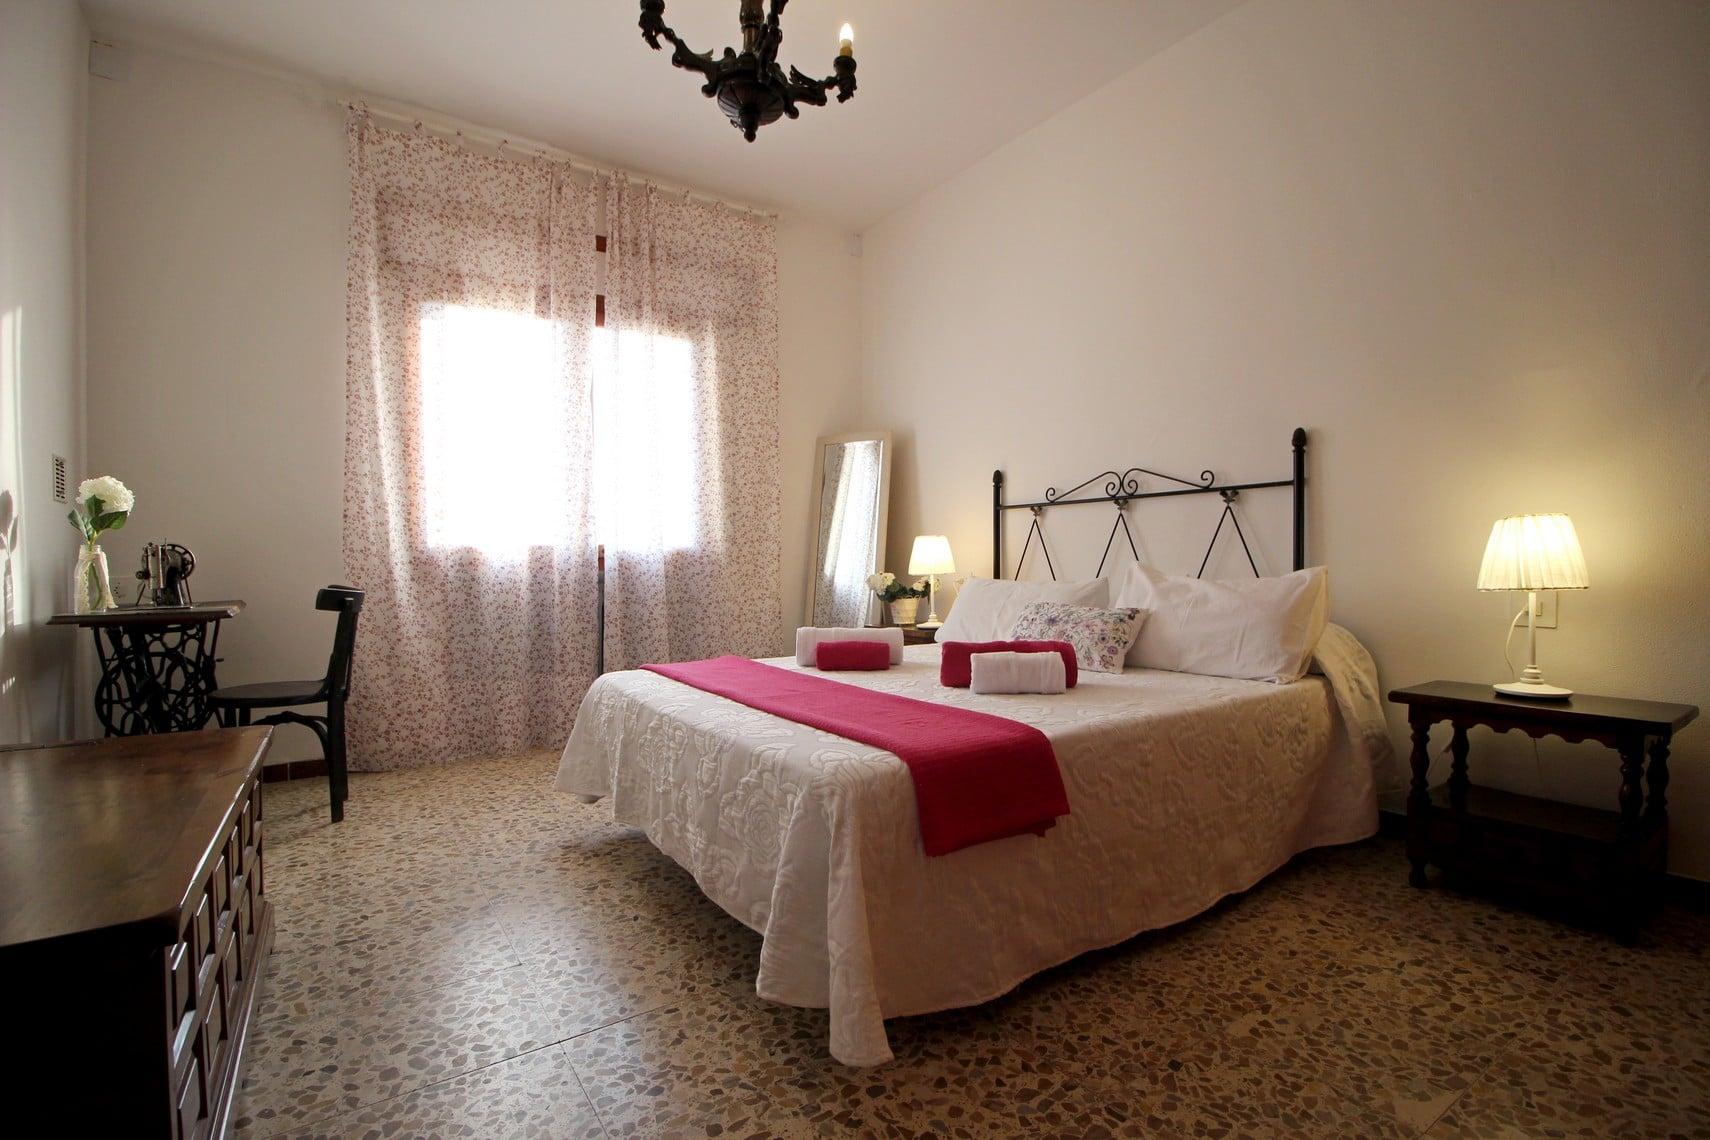 habitación4_las_hazas jarandilla002